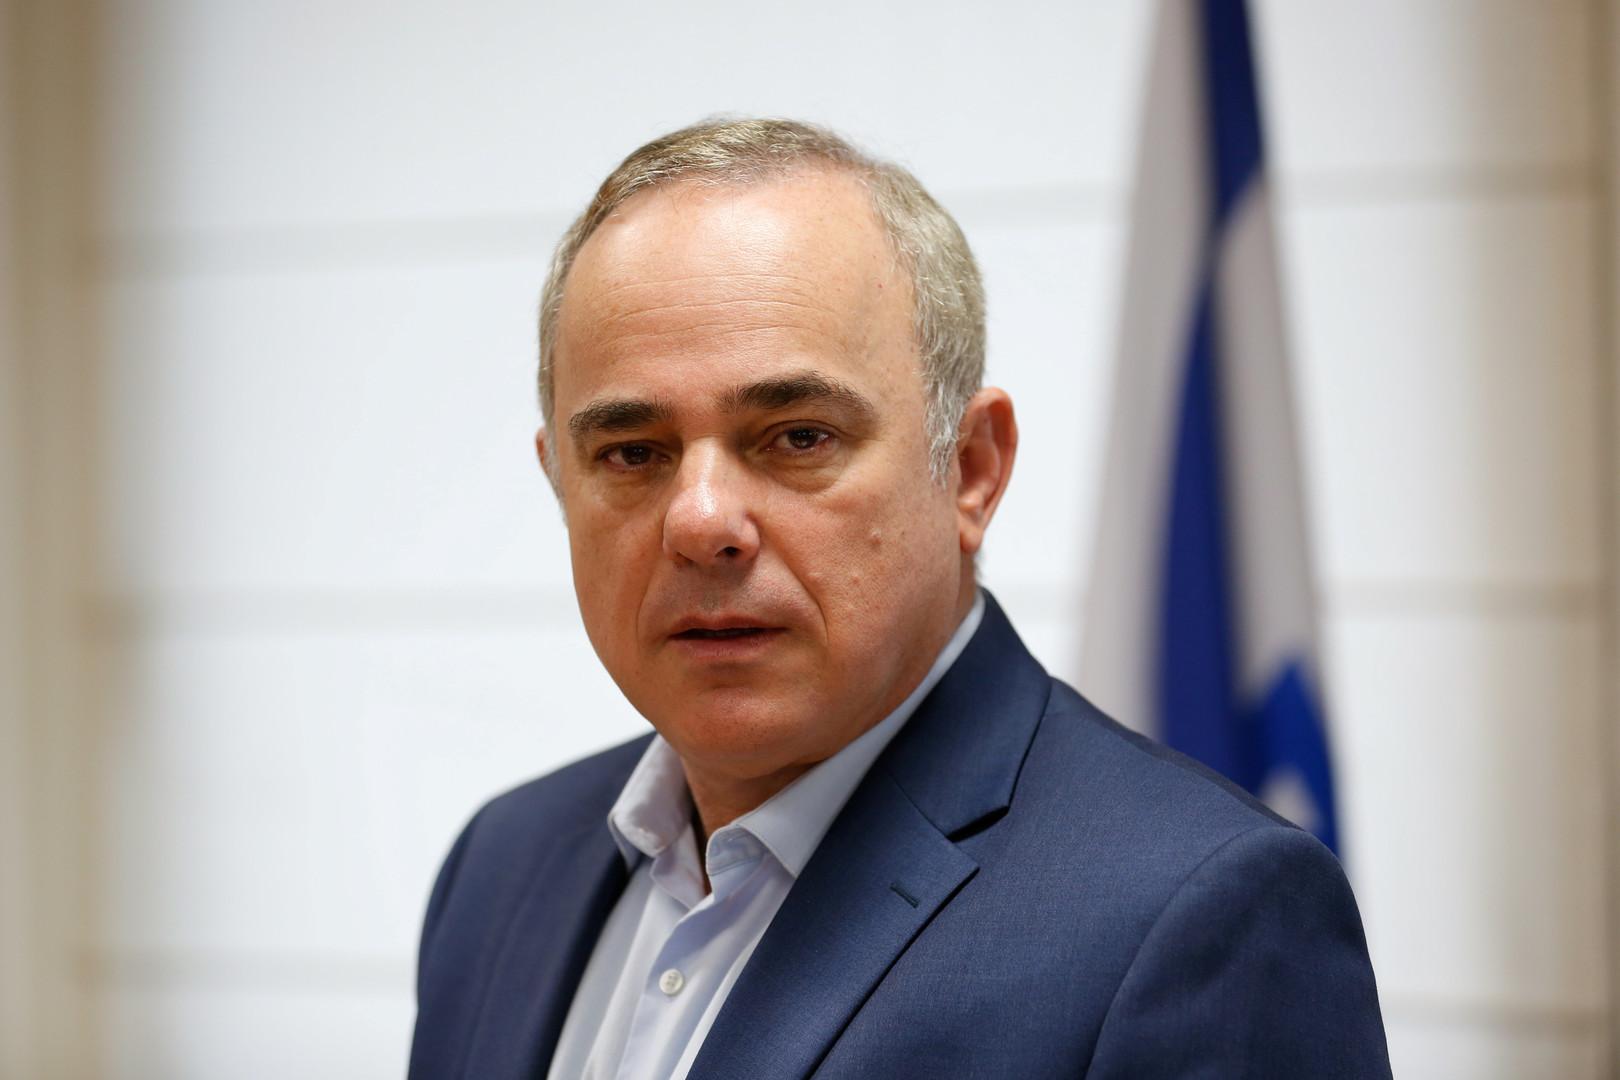 وزير إسرائيلي يعلن عن تعاون غير مسبوق مع مصر ويشكر السيسي على